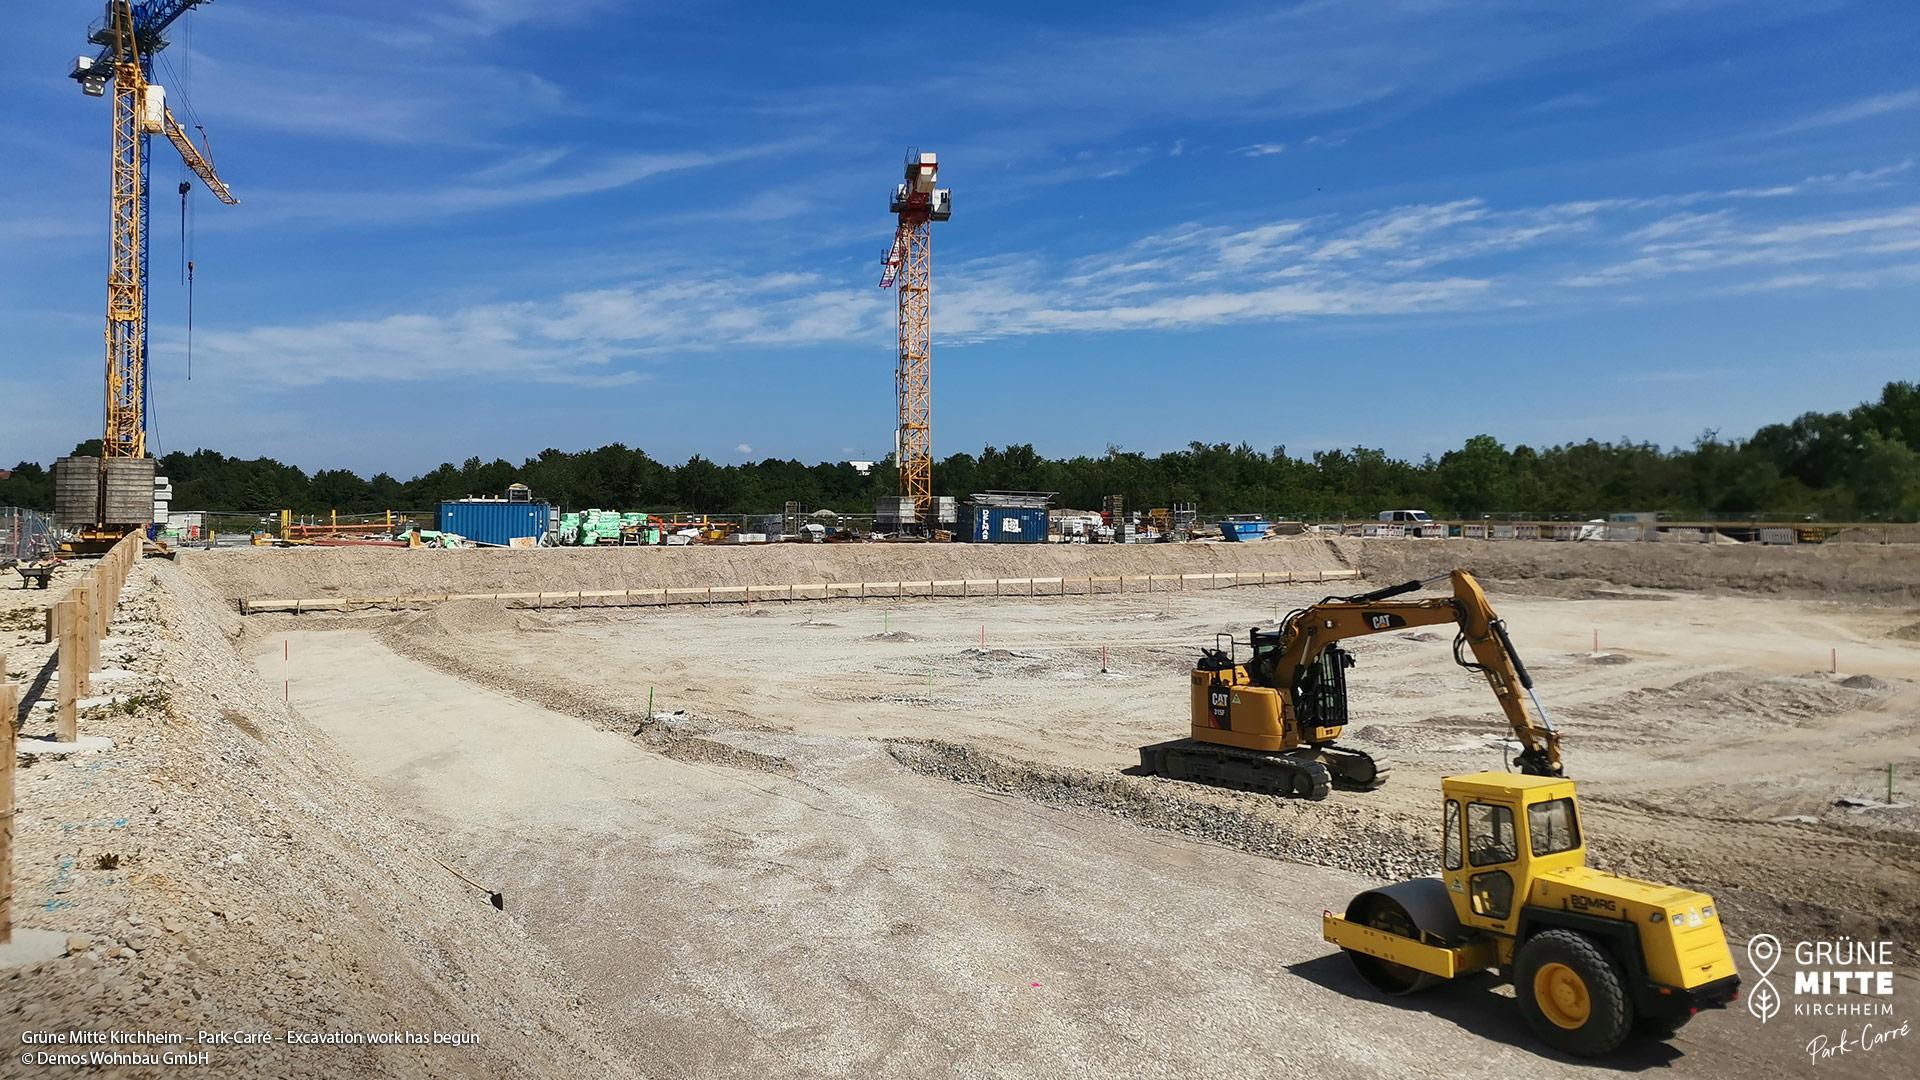 'GRÜNE MITTE KIRCHHEIM - Park Carré' in Kirchheim near Munich: Construction work has begun